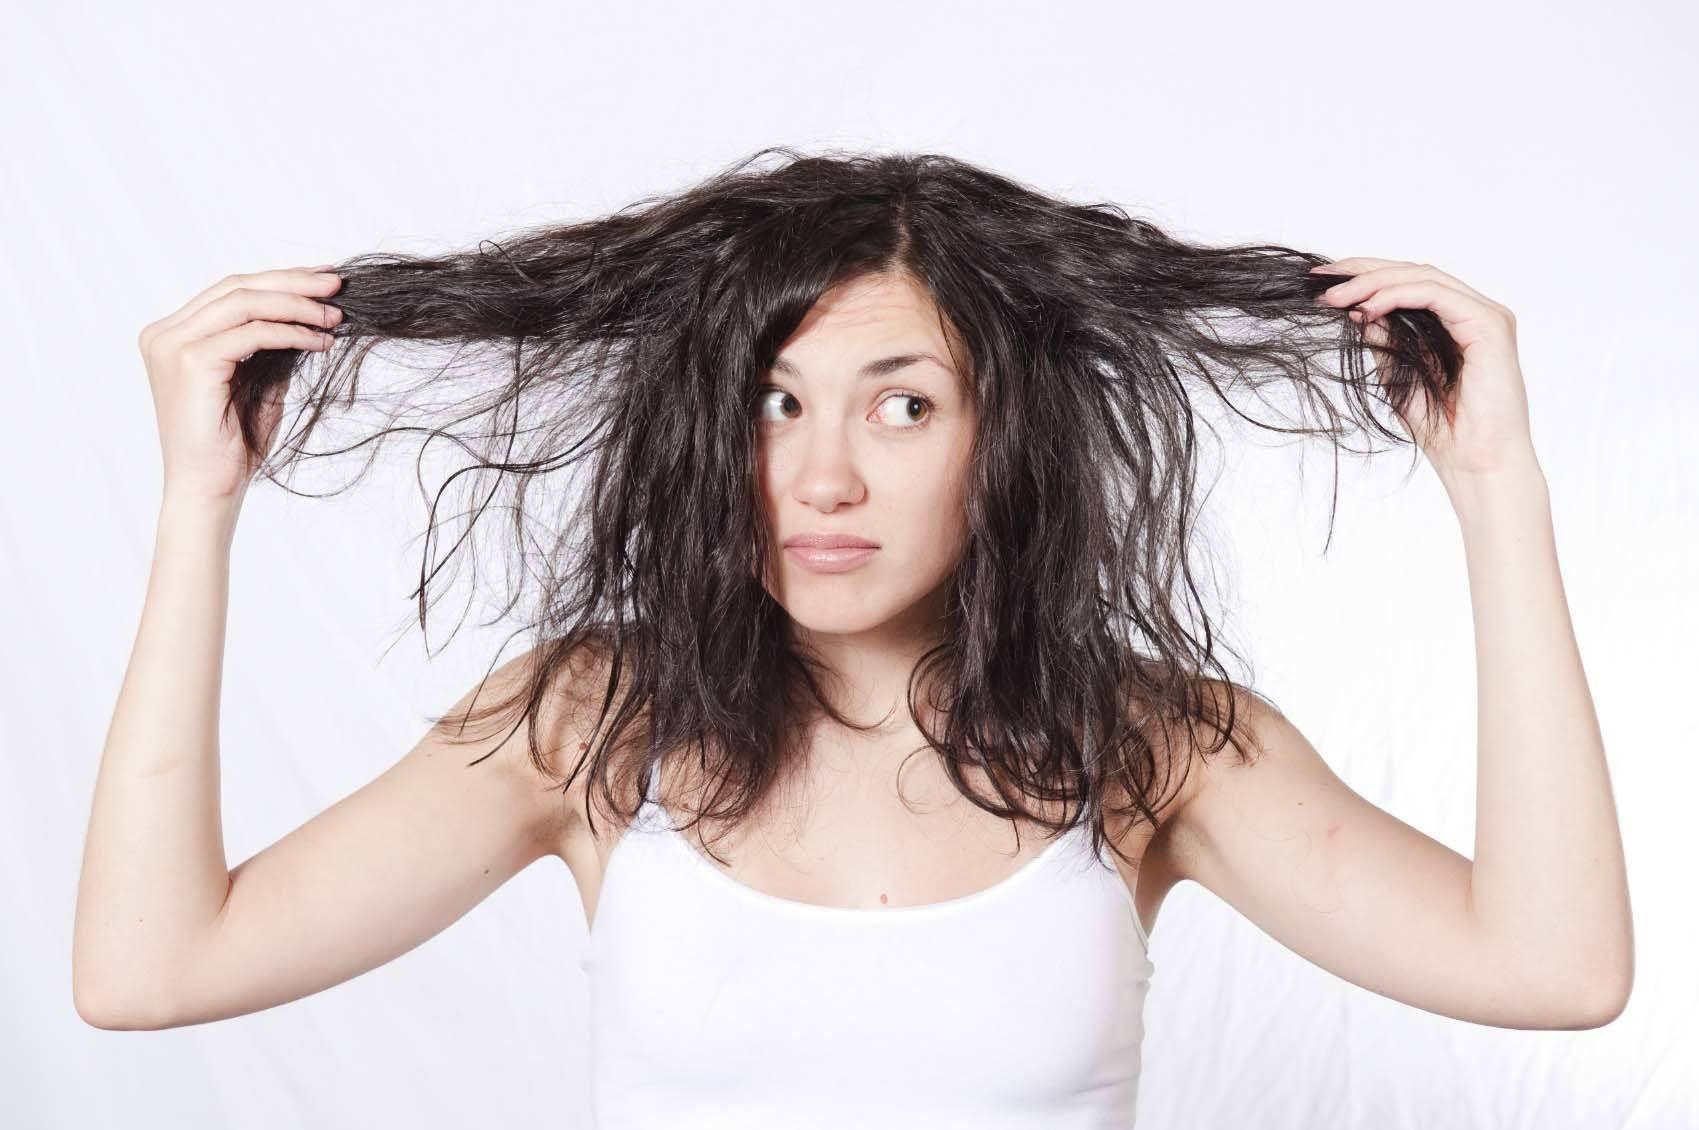 Lập đàn giải oan cho kem xả: Dùng đúng cách để tóc không bết dính - Ảnh 2.